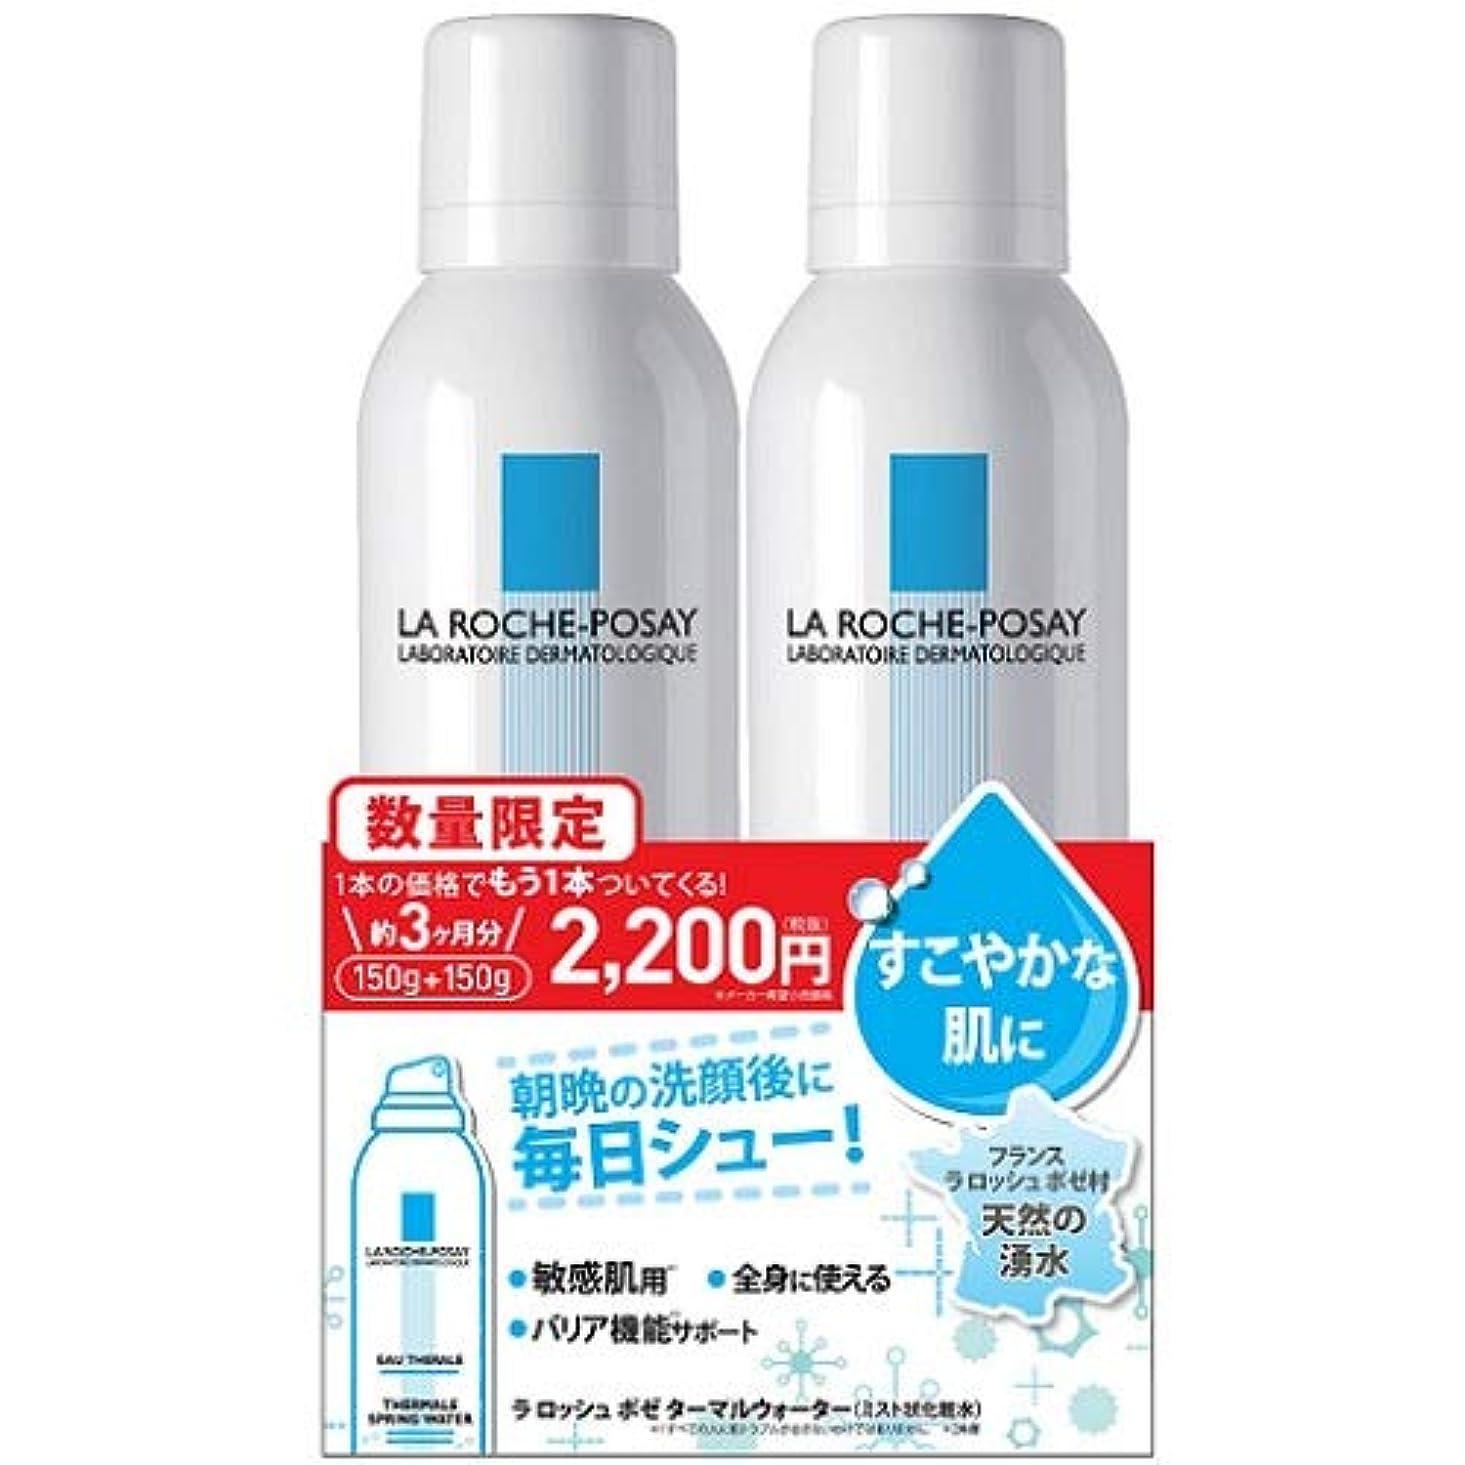 販売計画維持戦うLa Roche-Posay(ラロッシュポゼ) 【敏感肌用*ミスト状化粧水】ターマルウォーター150g+150gキット